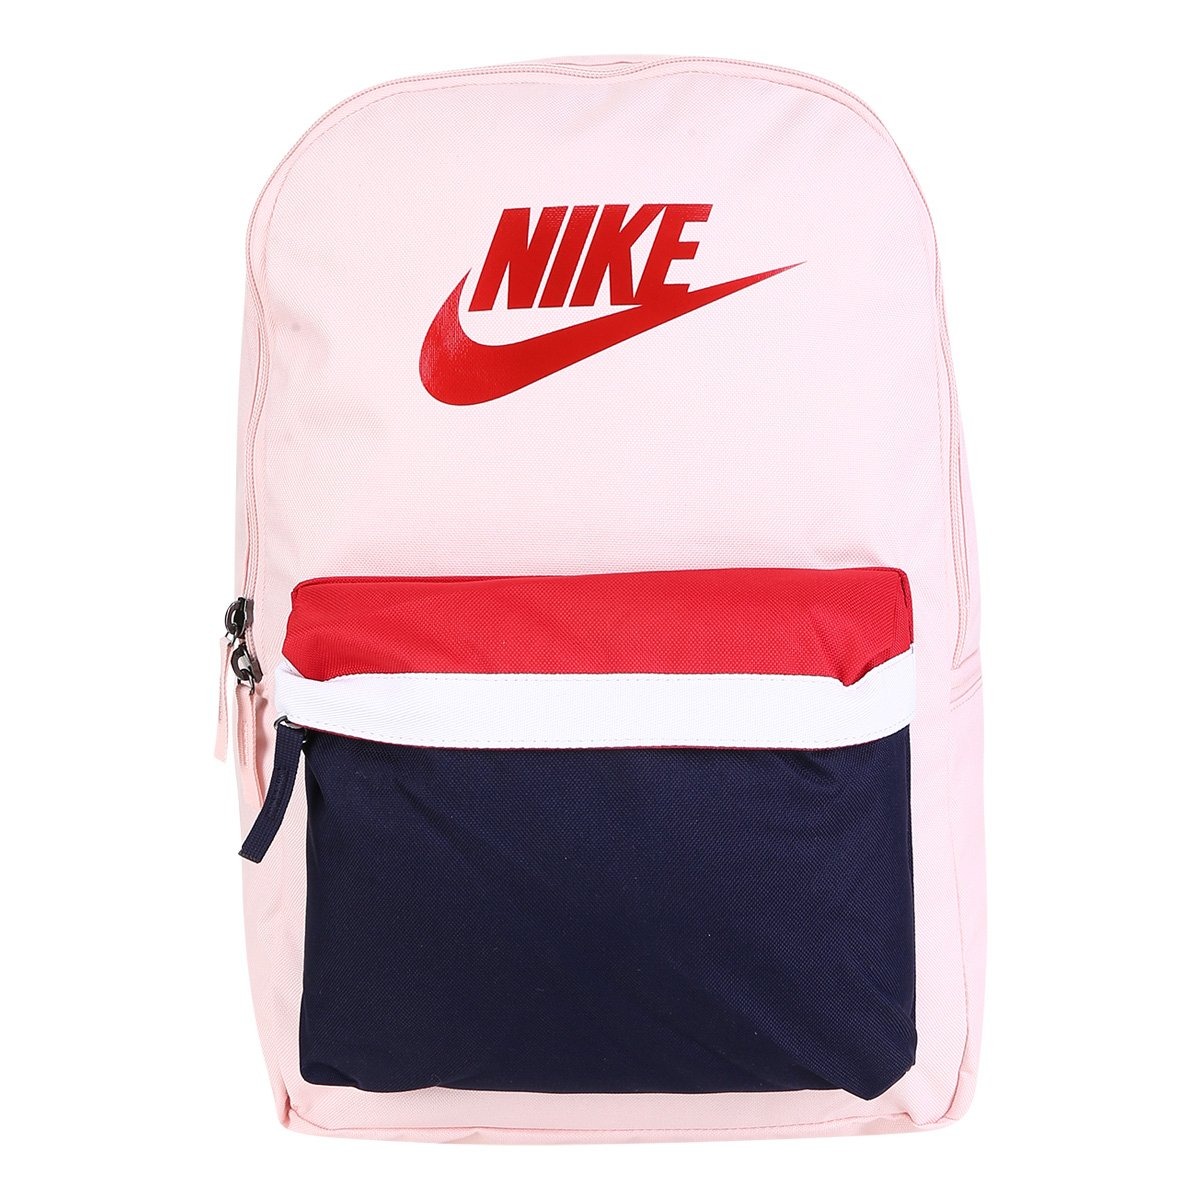 Tumor maligno Escuela primaria pasión  Mochila Nike Heritage 2.0 - Rosa e Vermelho   Netshoes